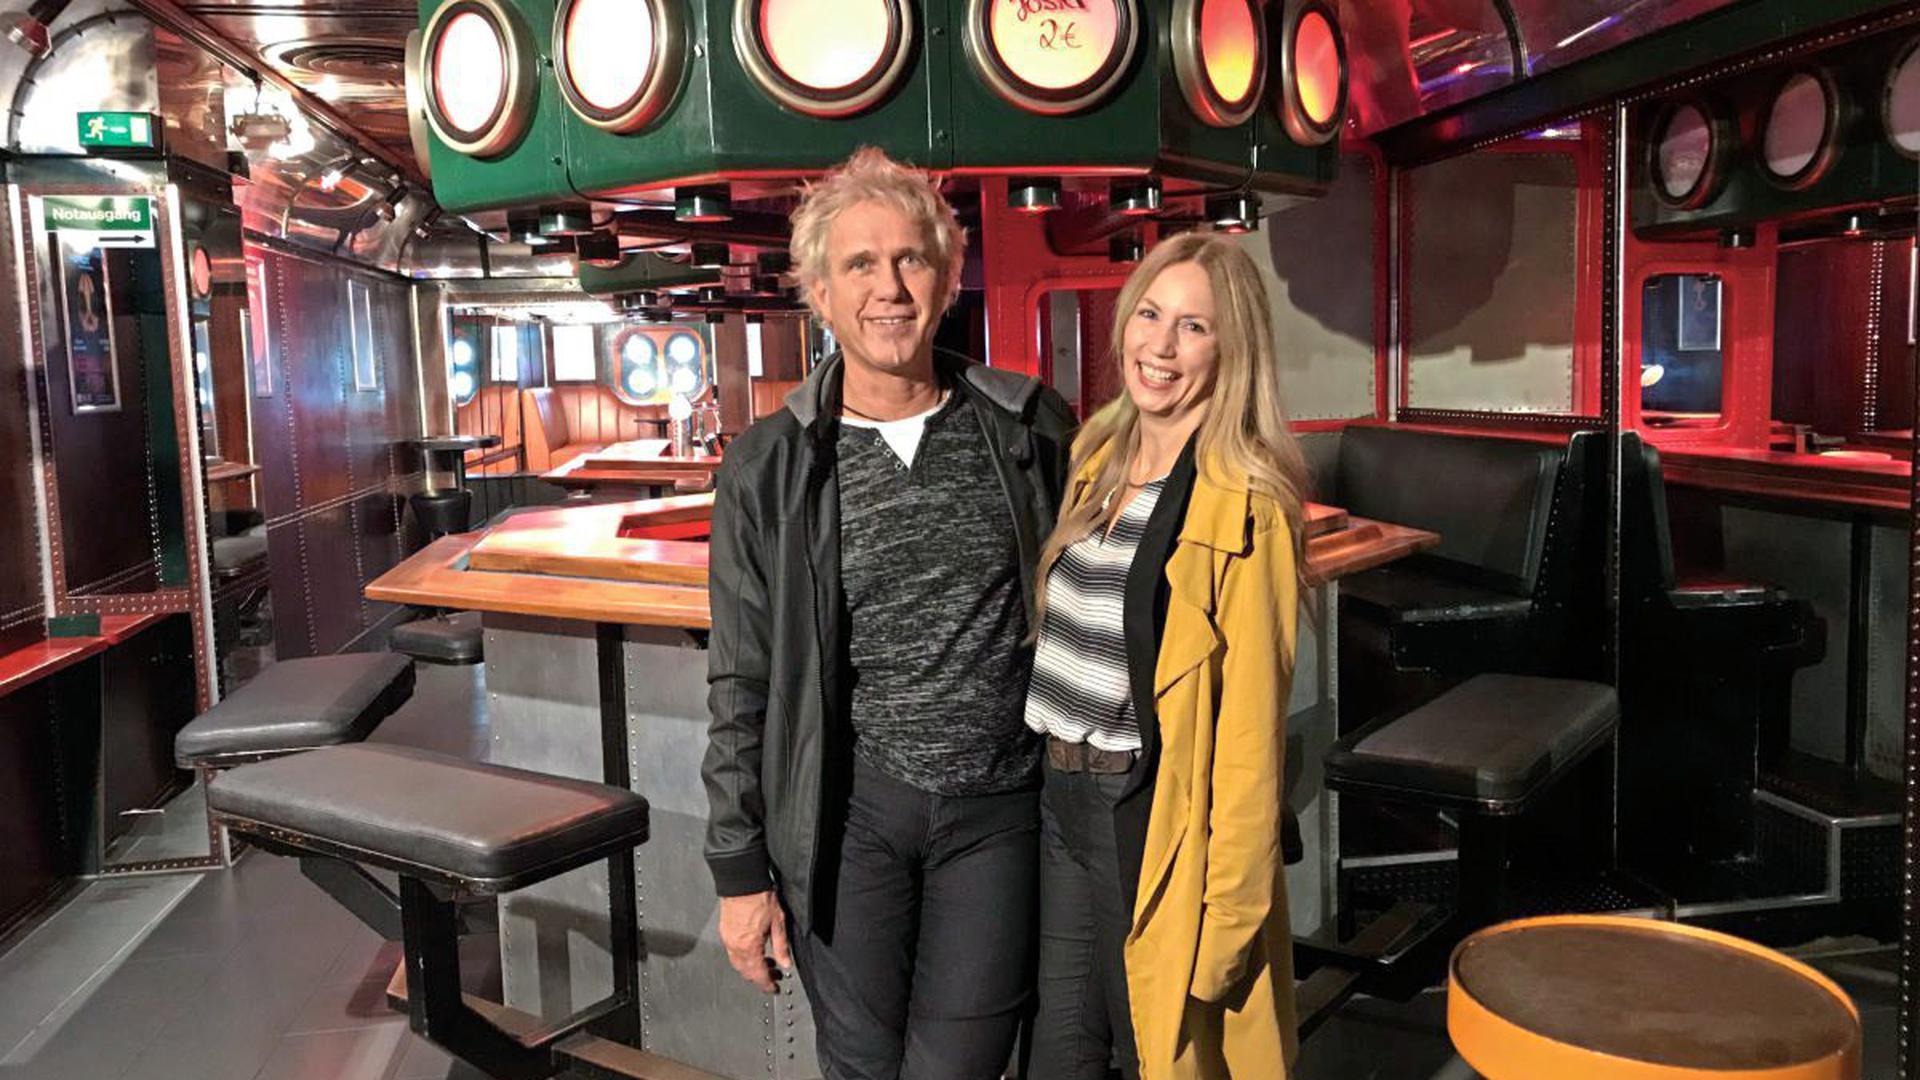 Volker Hasch ist seit 2007 Inhaber des Topsys und hat es seither Stück für Stück zu seinen Ursprüngen zurückgeführt. Gemeinsam mit Tina Casal ist er an fast jedem Abend da, an dem das Topsy Turvy seine Tür öffnet.